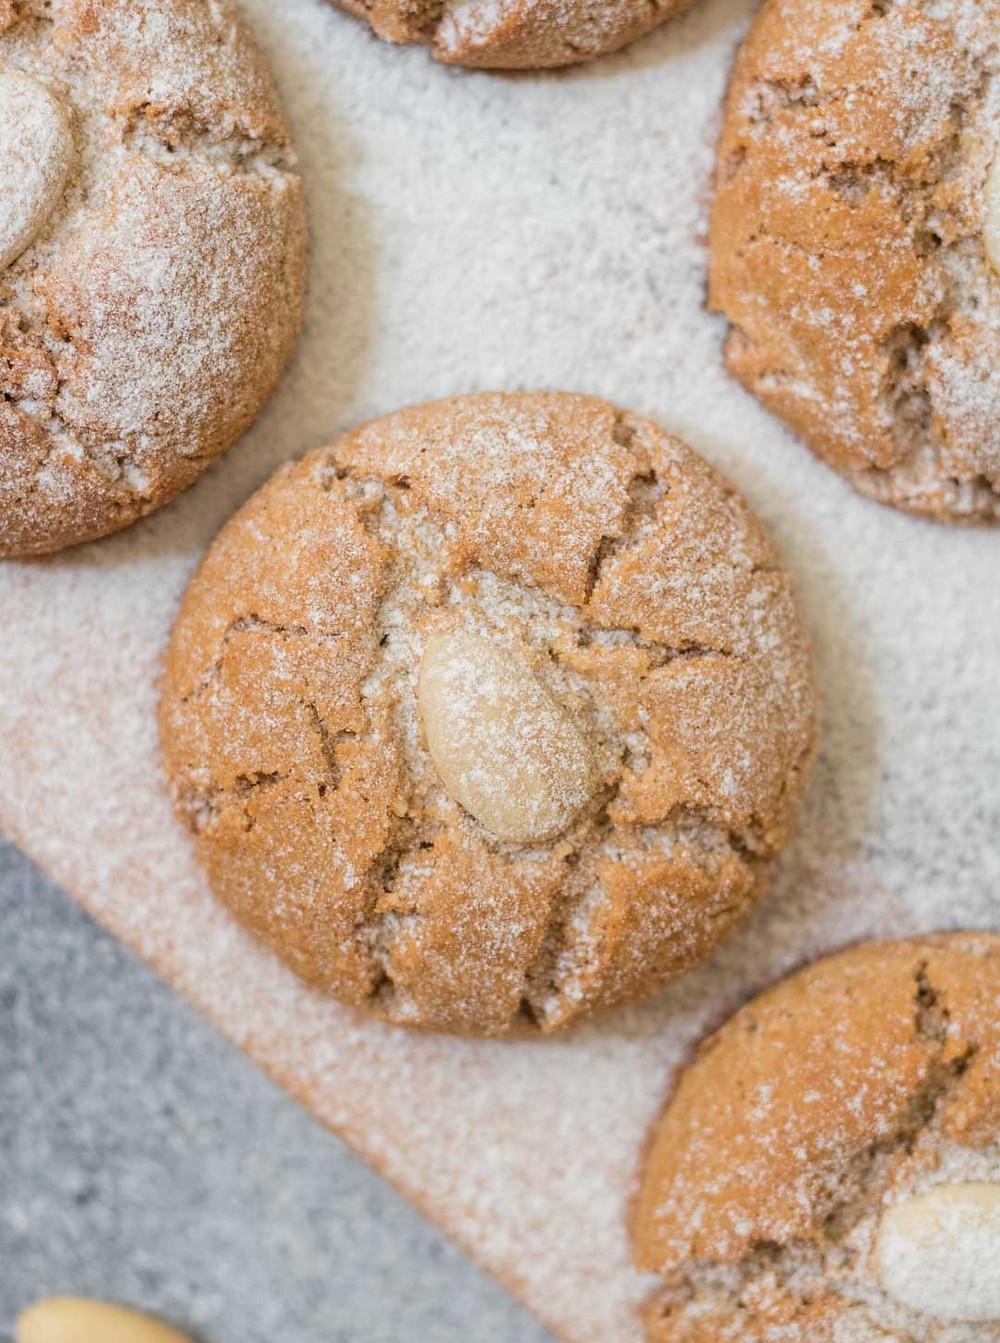 עוגיות שקדים טבעוניות מקמח כוסמין מלא וקמח שקדים עוגיות טבעוניות